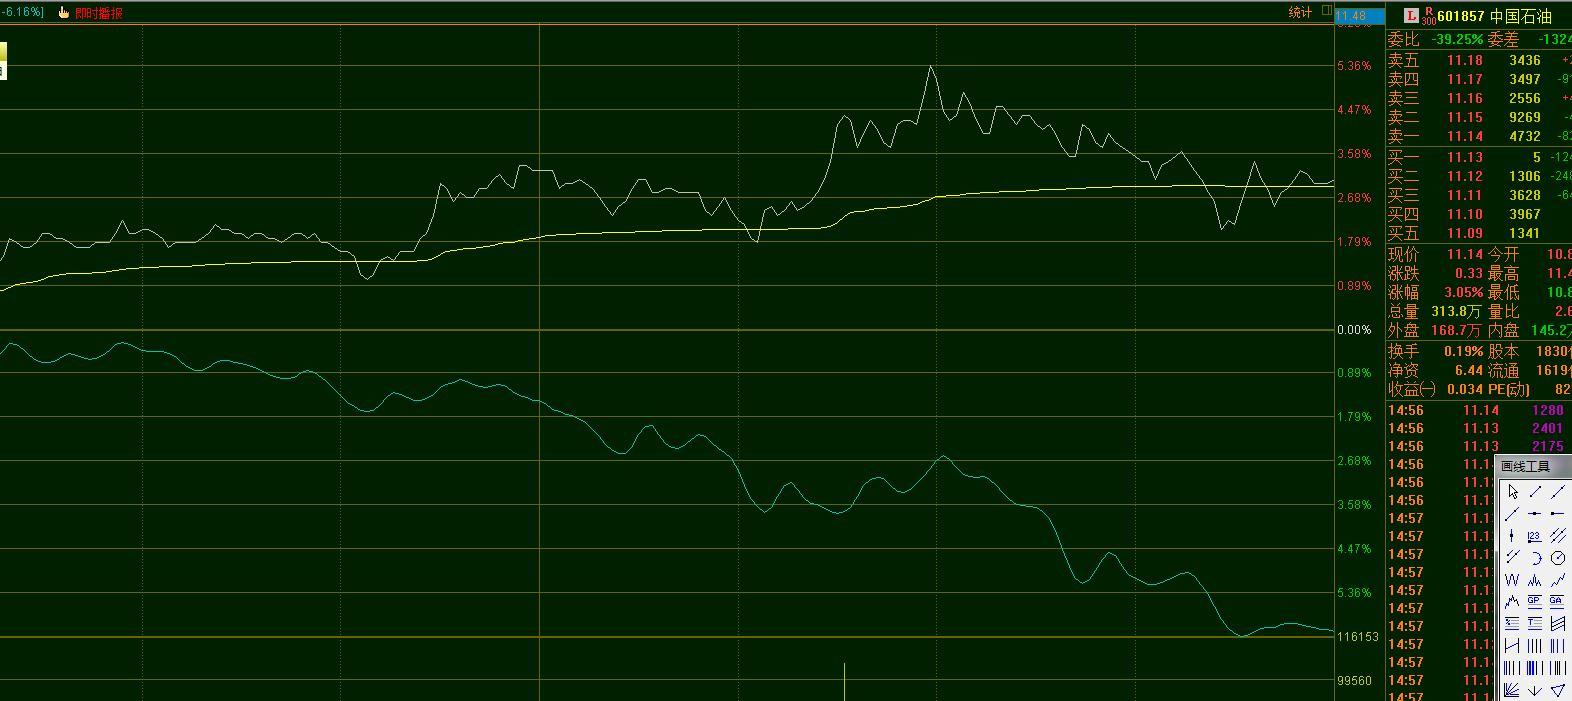 典型右肩趋势性下跌从未改变